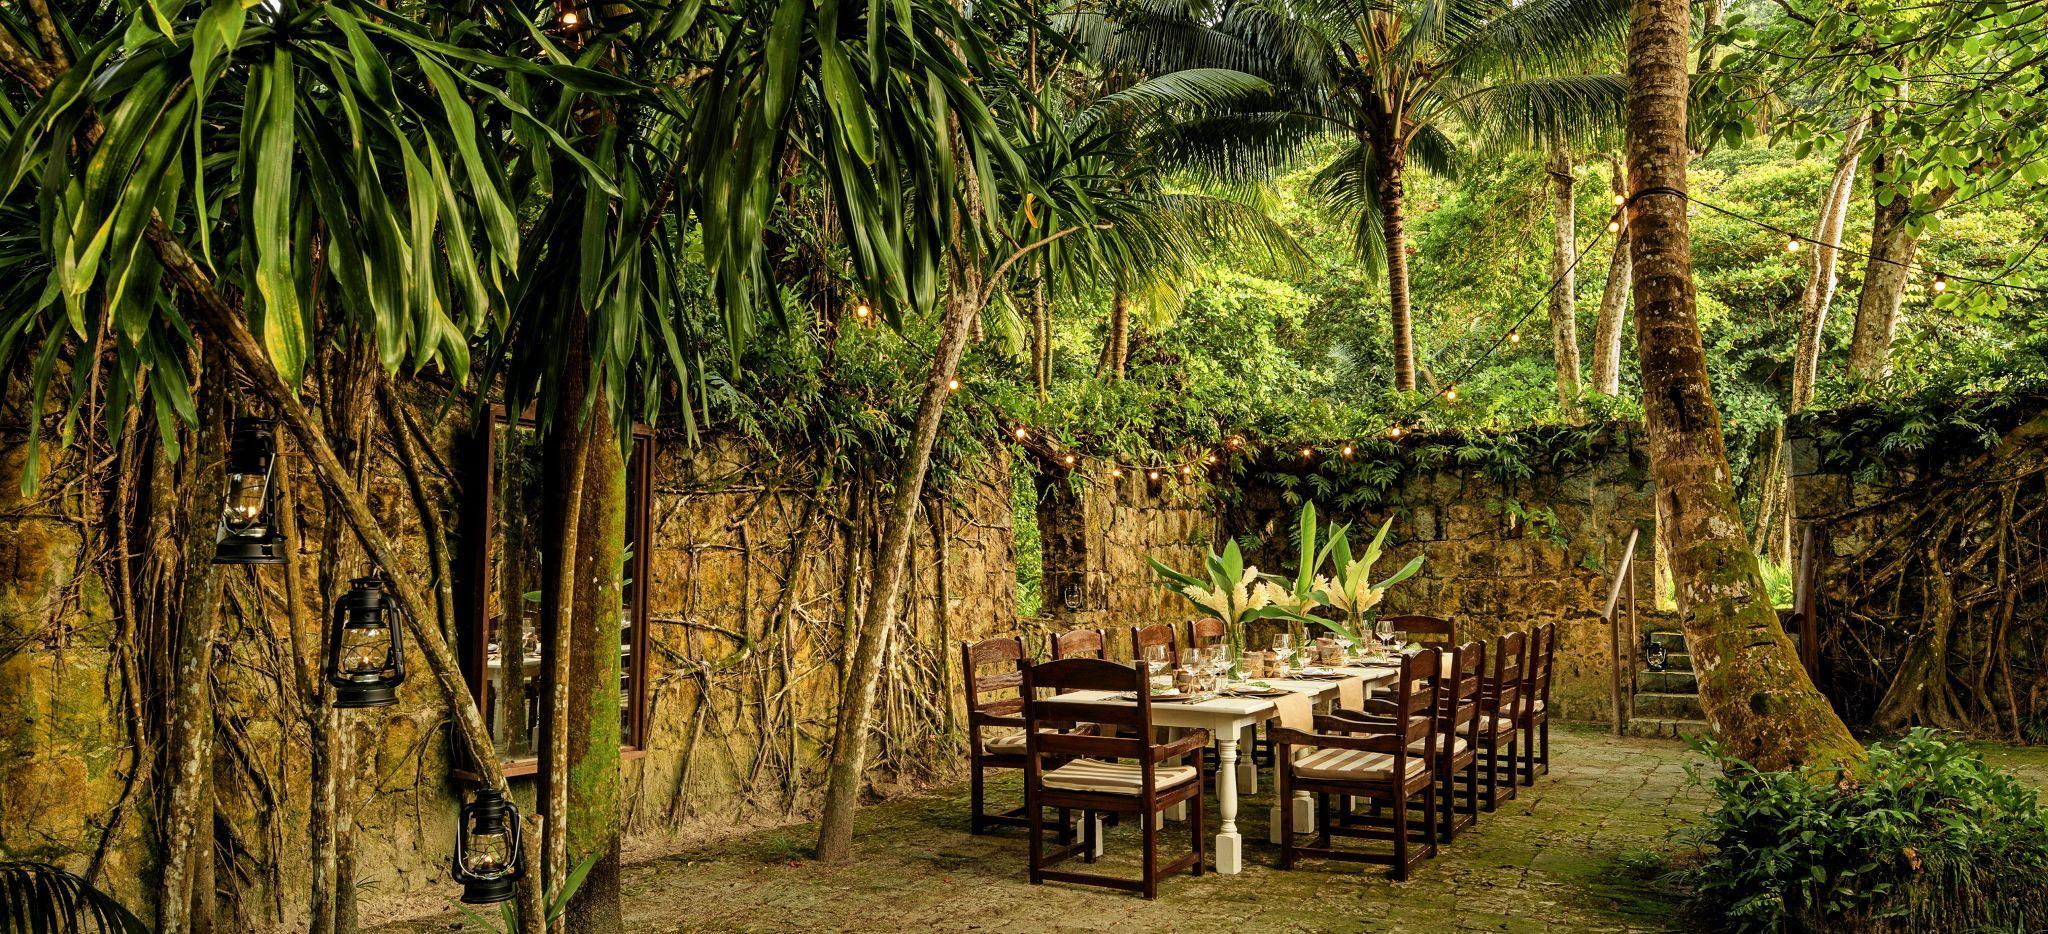 Gedeckter Esstisch im Hotel Four Seasons Resort Seychelles umgeben von tropischem Grün und Urwald